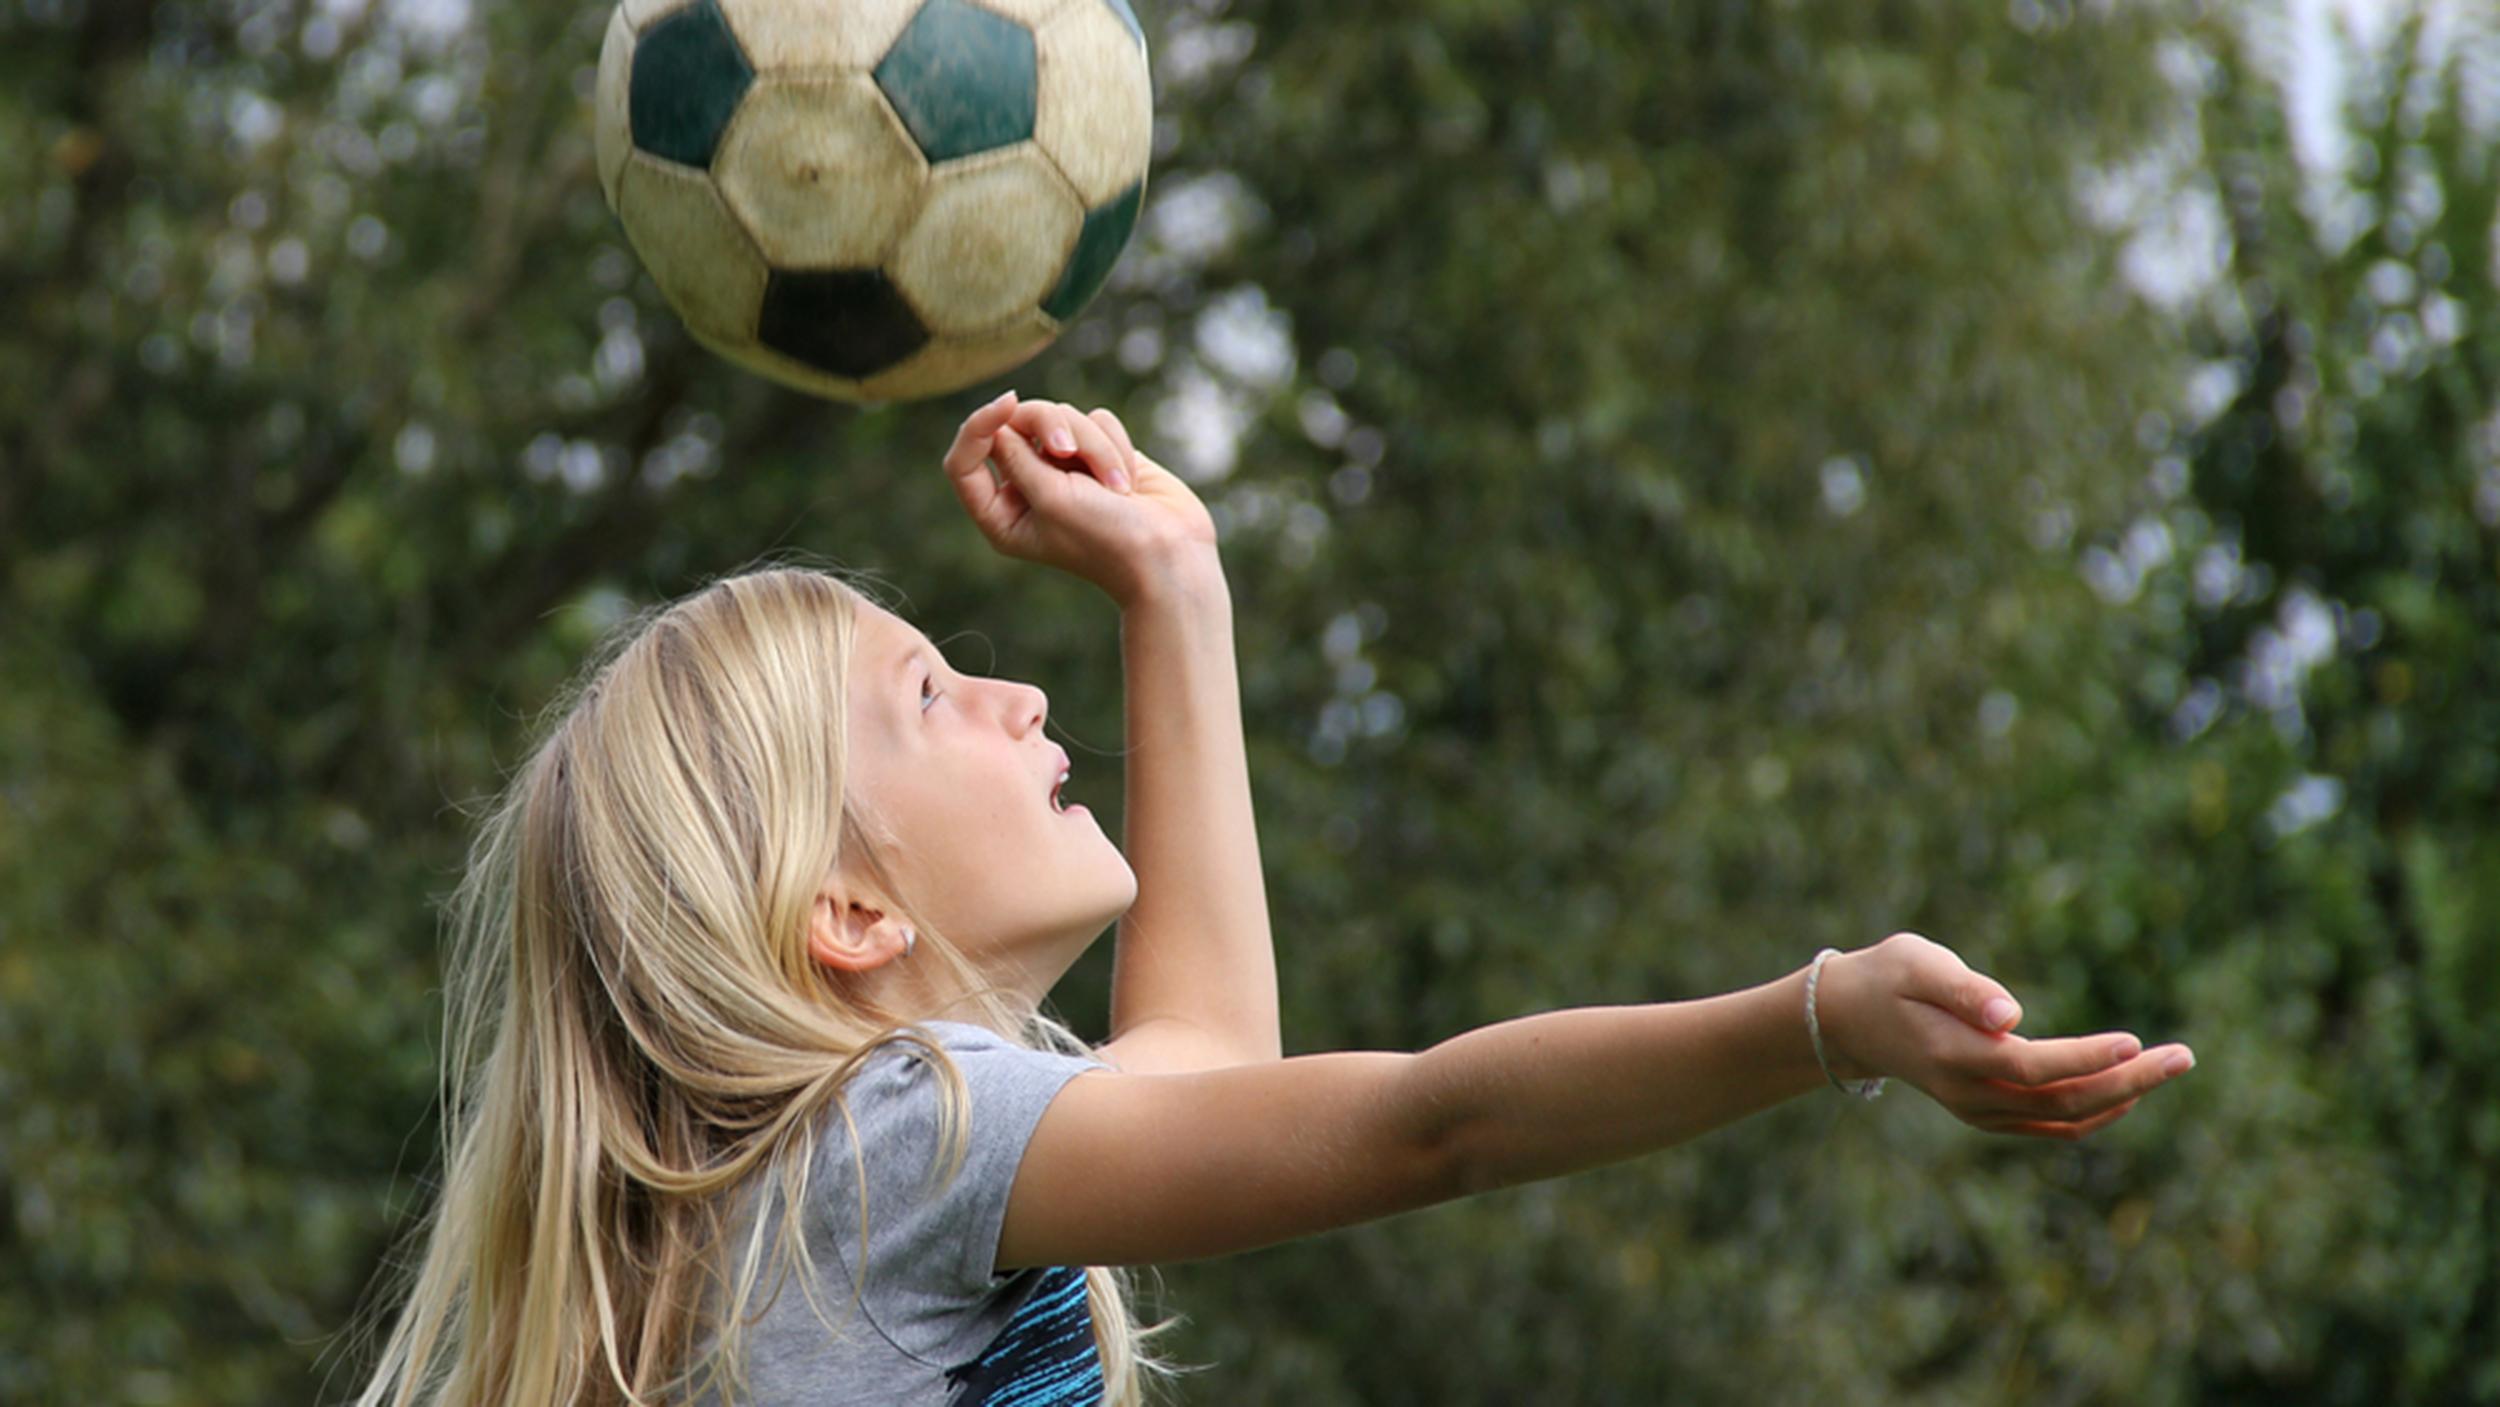 how to teach heading a soccer ball